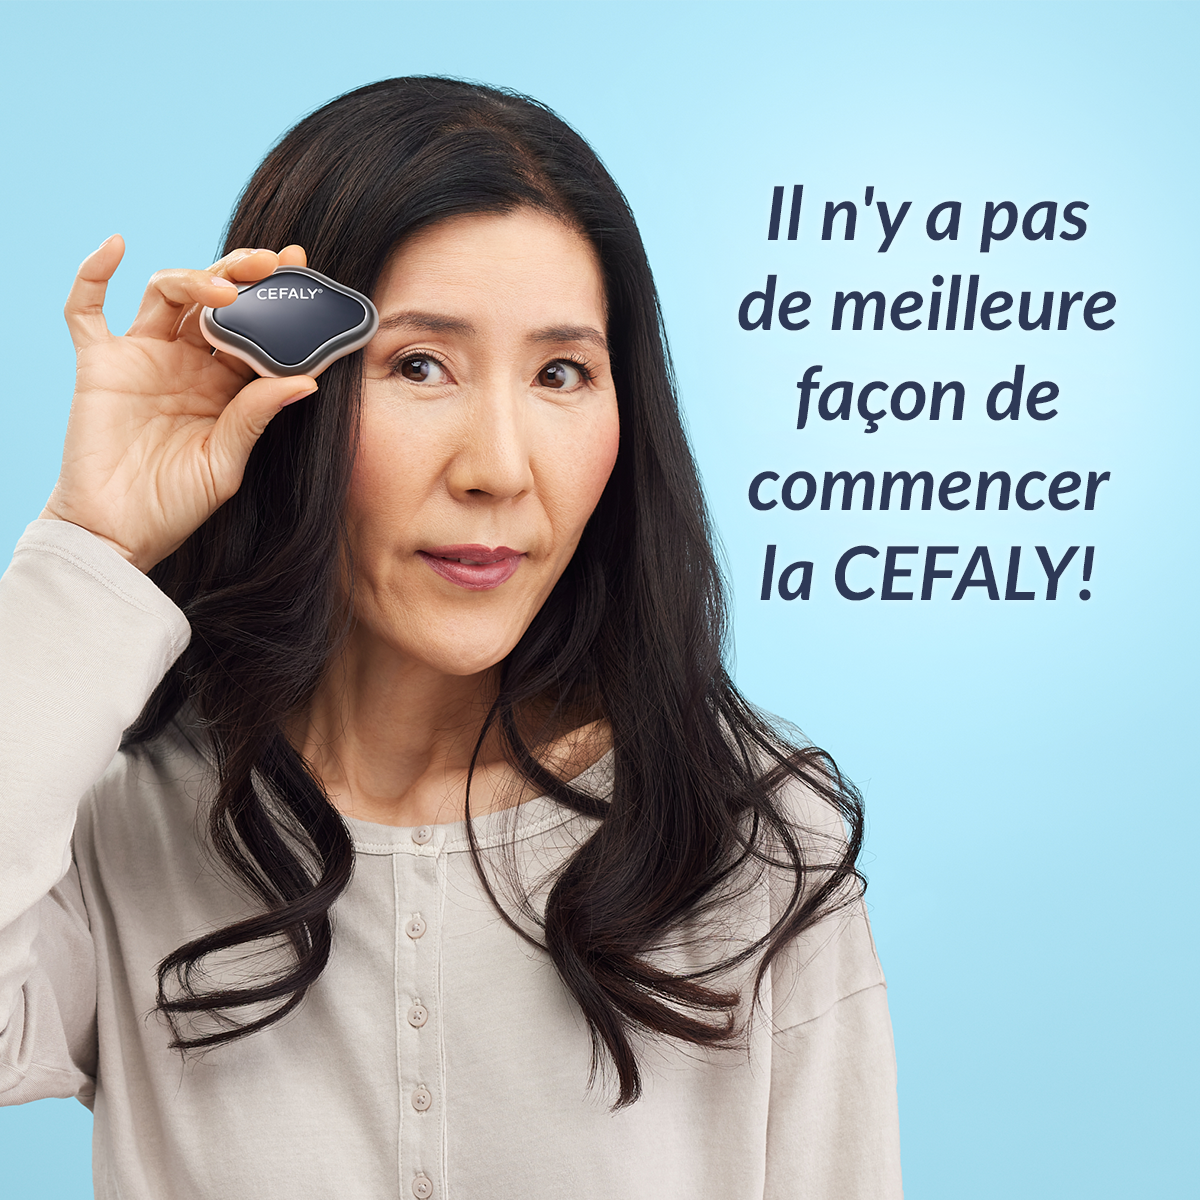 Photo du dispositif CEFALY de traitement et prévention de la migraine, sans électrode 2